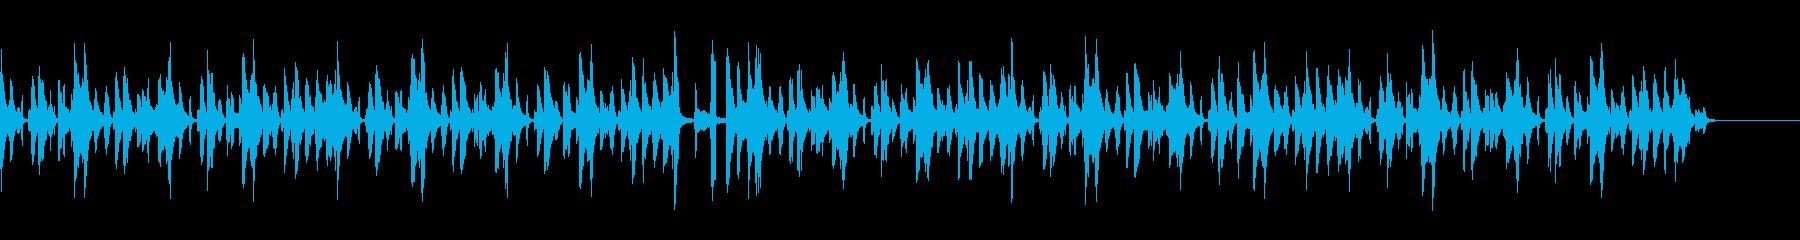 動物、料理動画向き可愛い木琴音楽(声有)の再生済みの波形